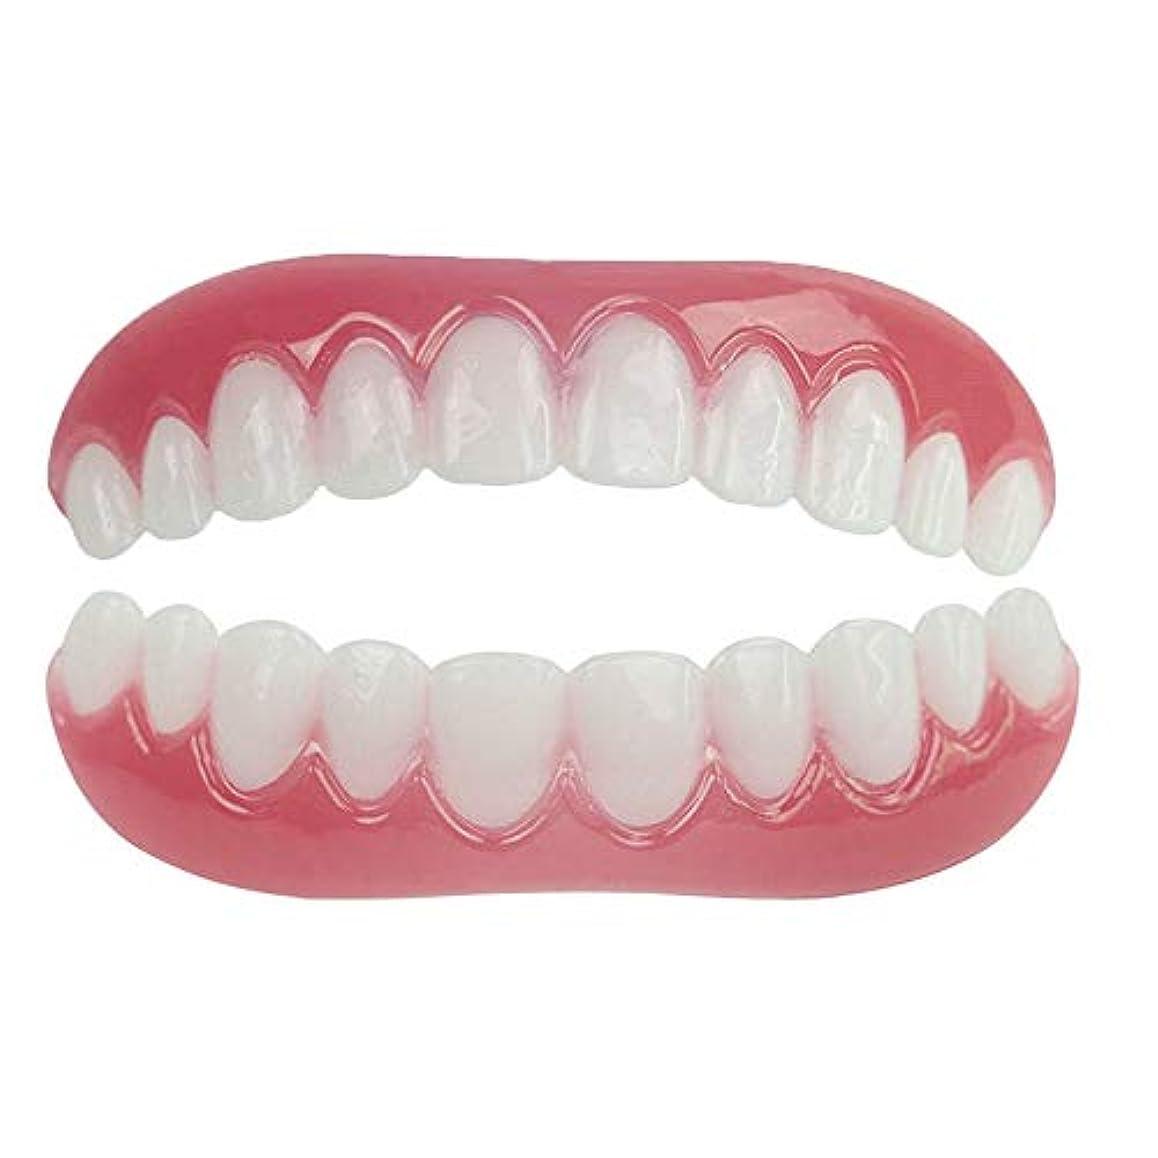 白鳥操作りんごシリコンシミュレーションの上部および下部義歯スリーブ、歯科用ベニヤホワイトニングティーセット(1セット),Boxed,UpperLower